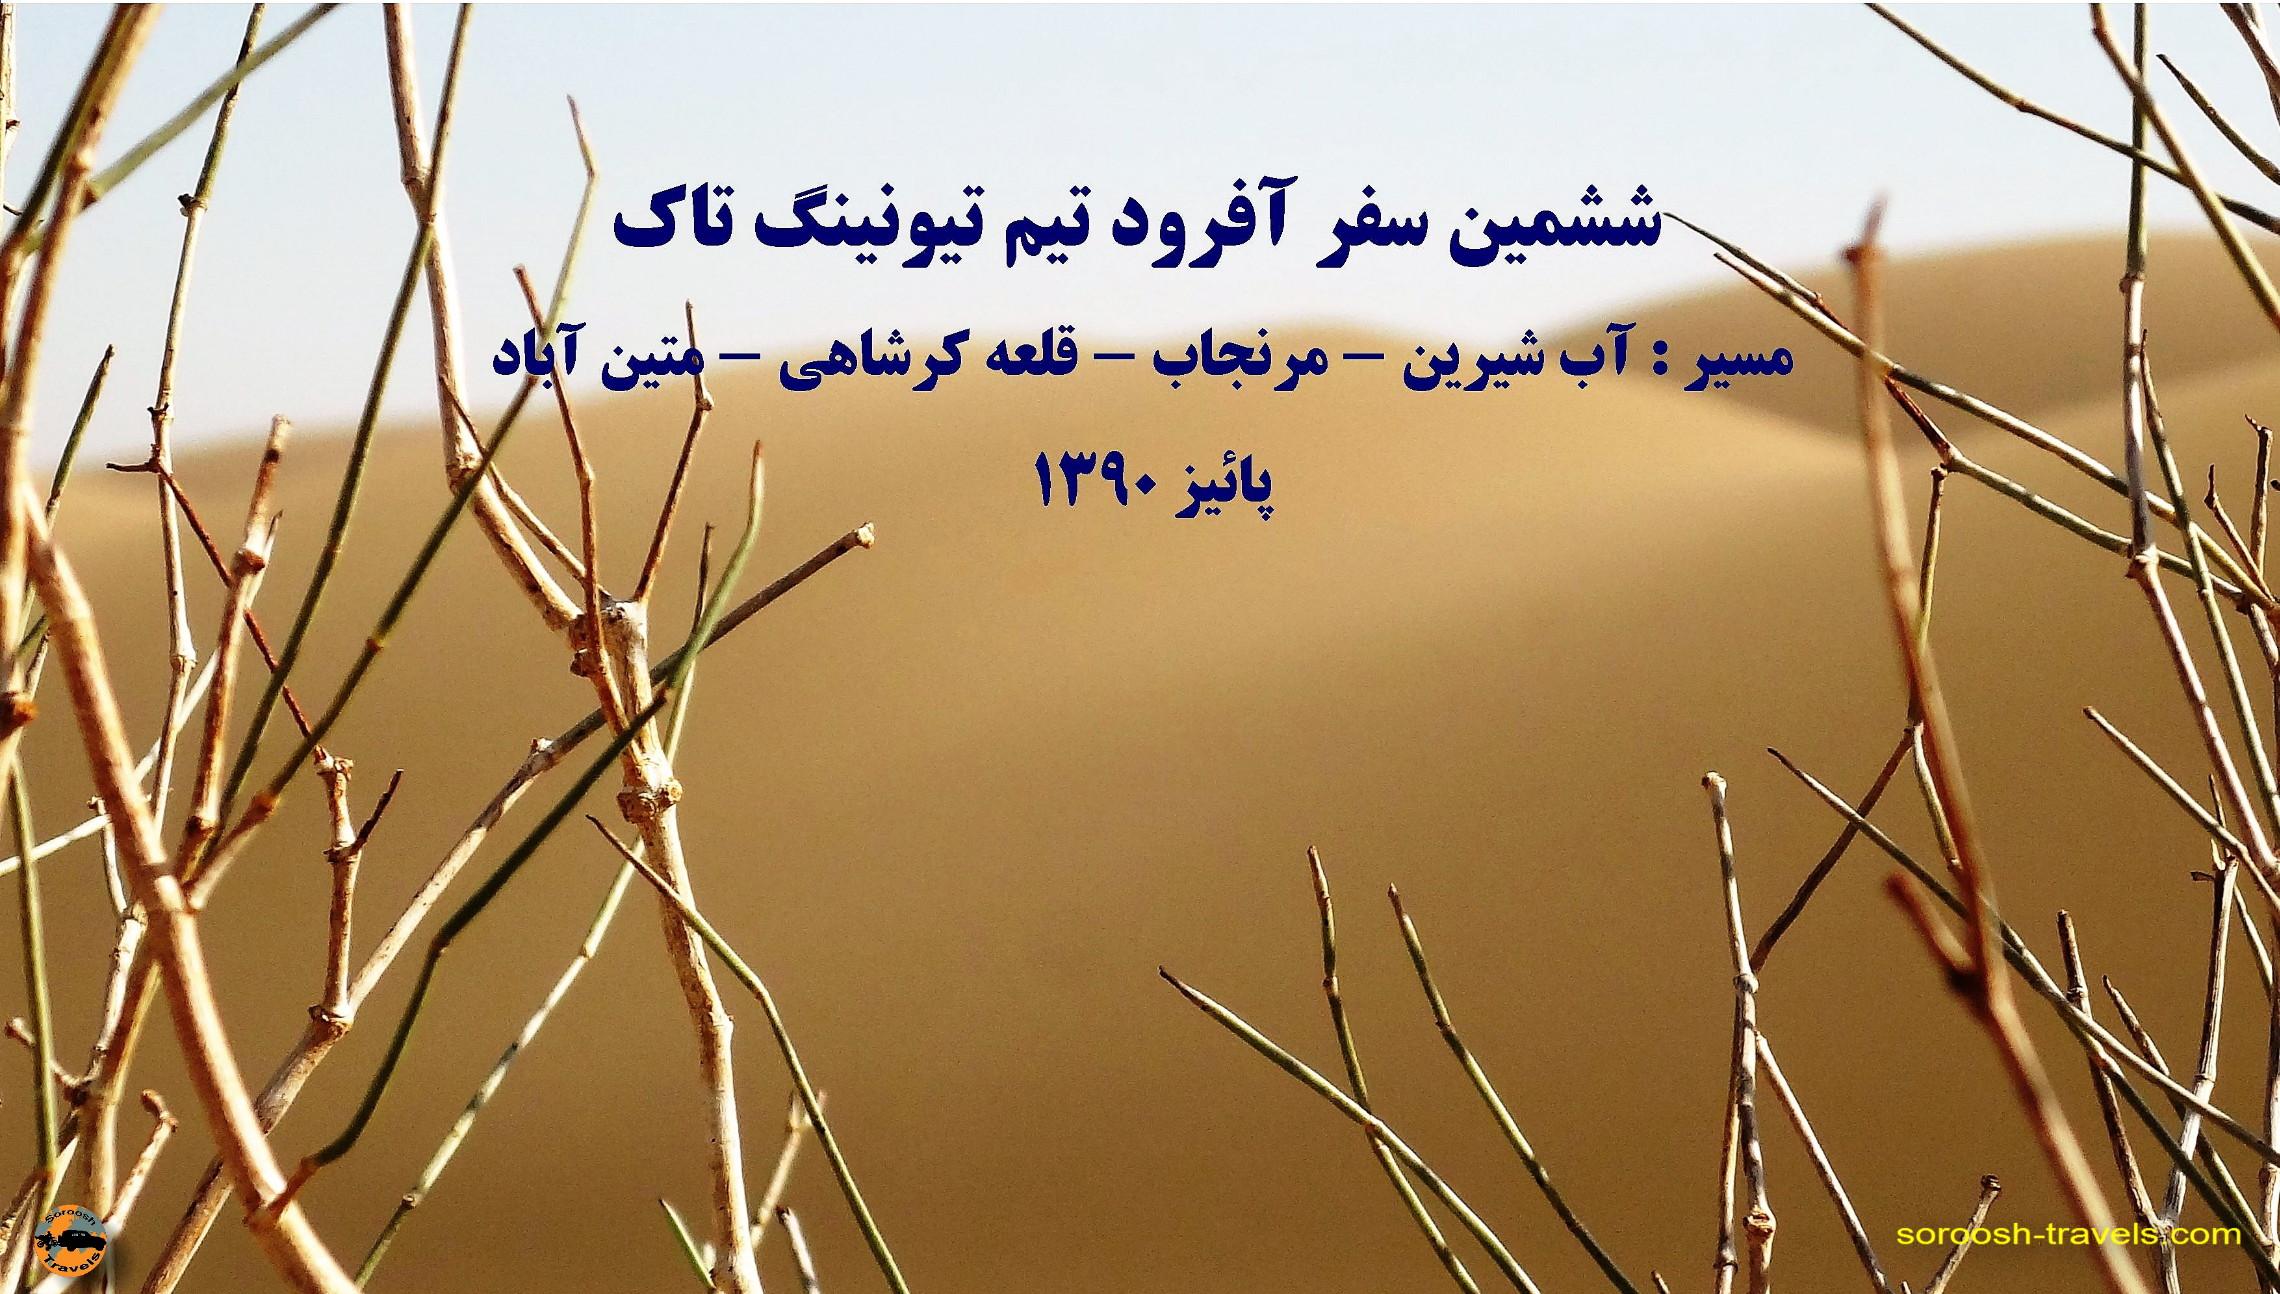 مرنجاب تا قلعه کرشاهی – مهر ۱۳۹۰ – بخش اول